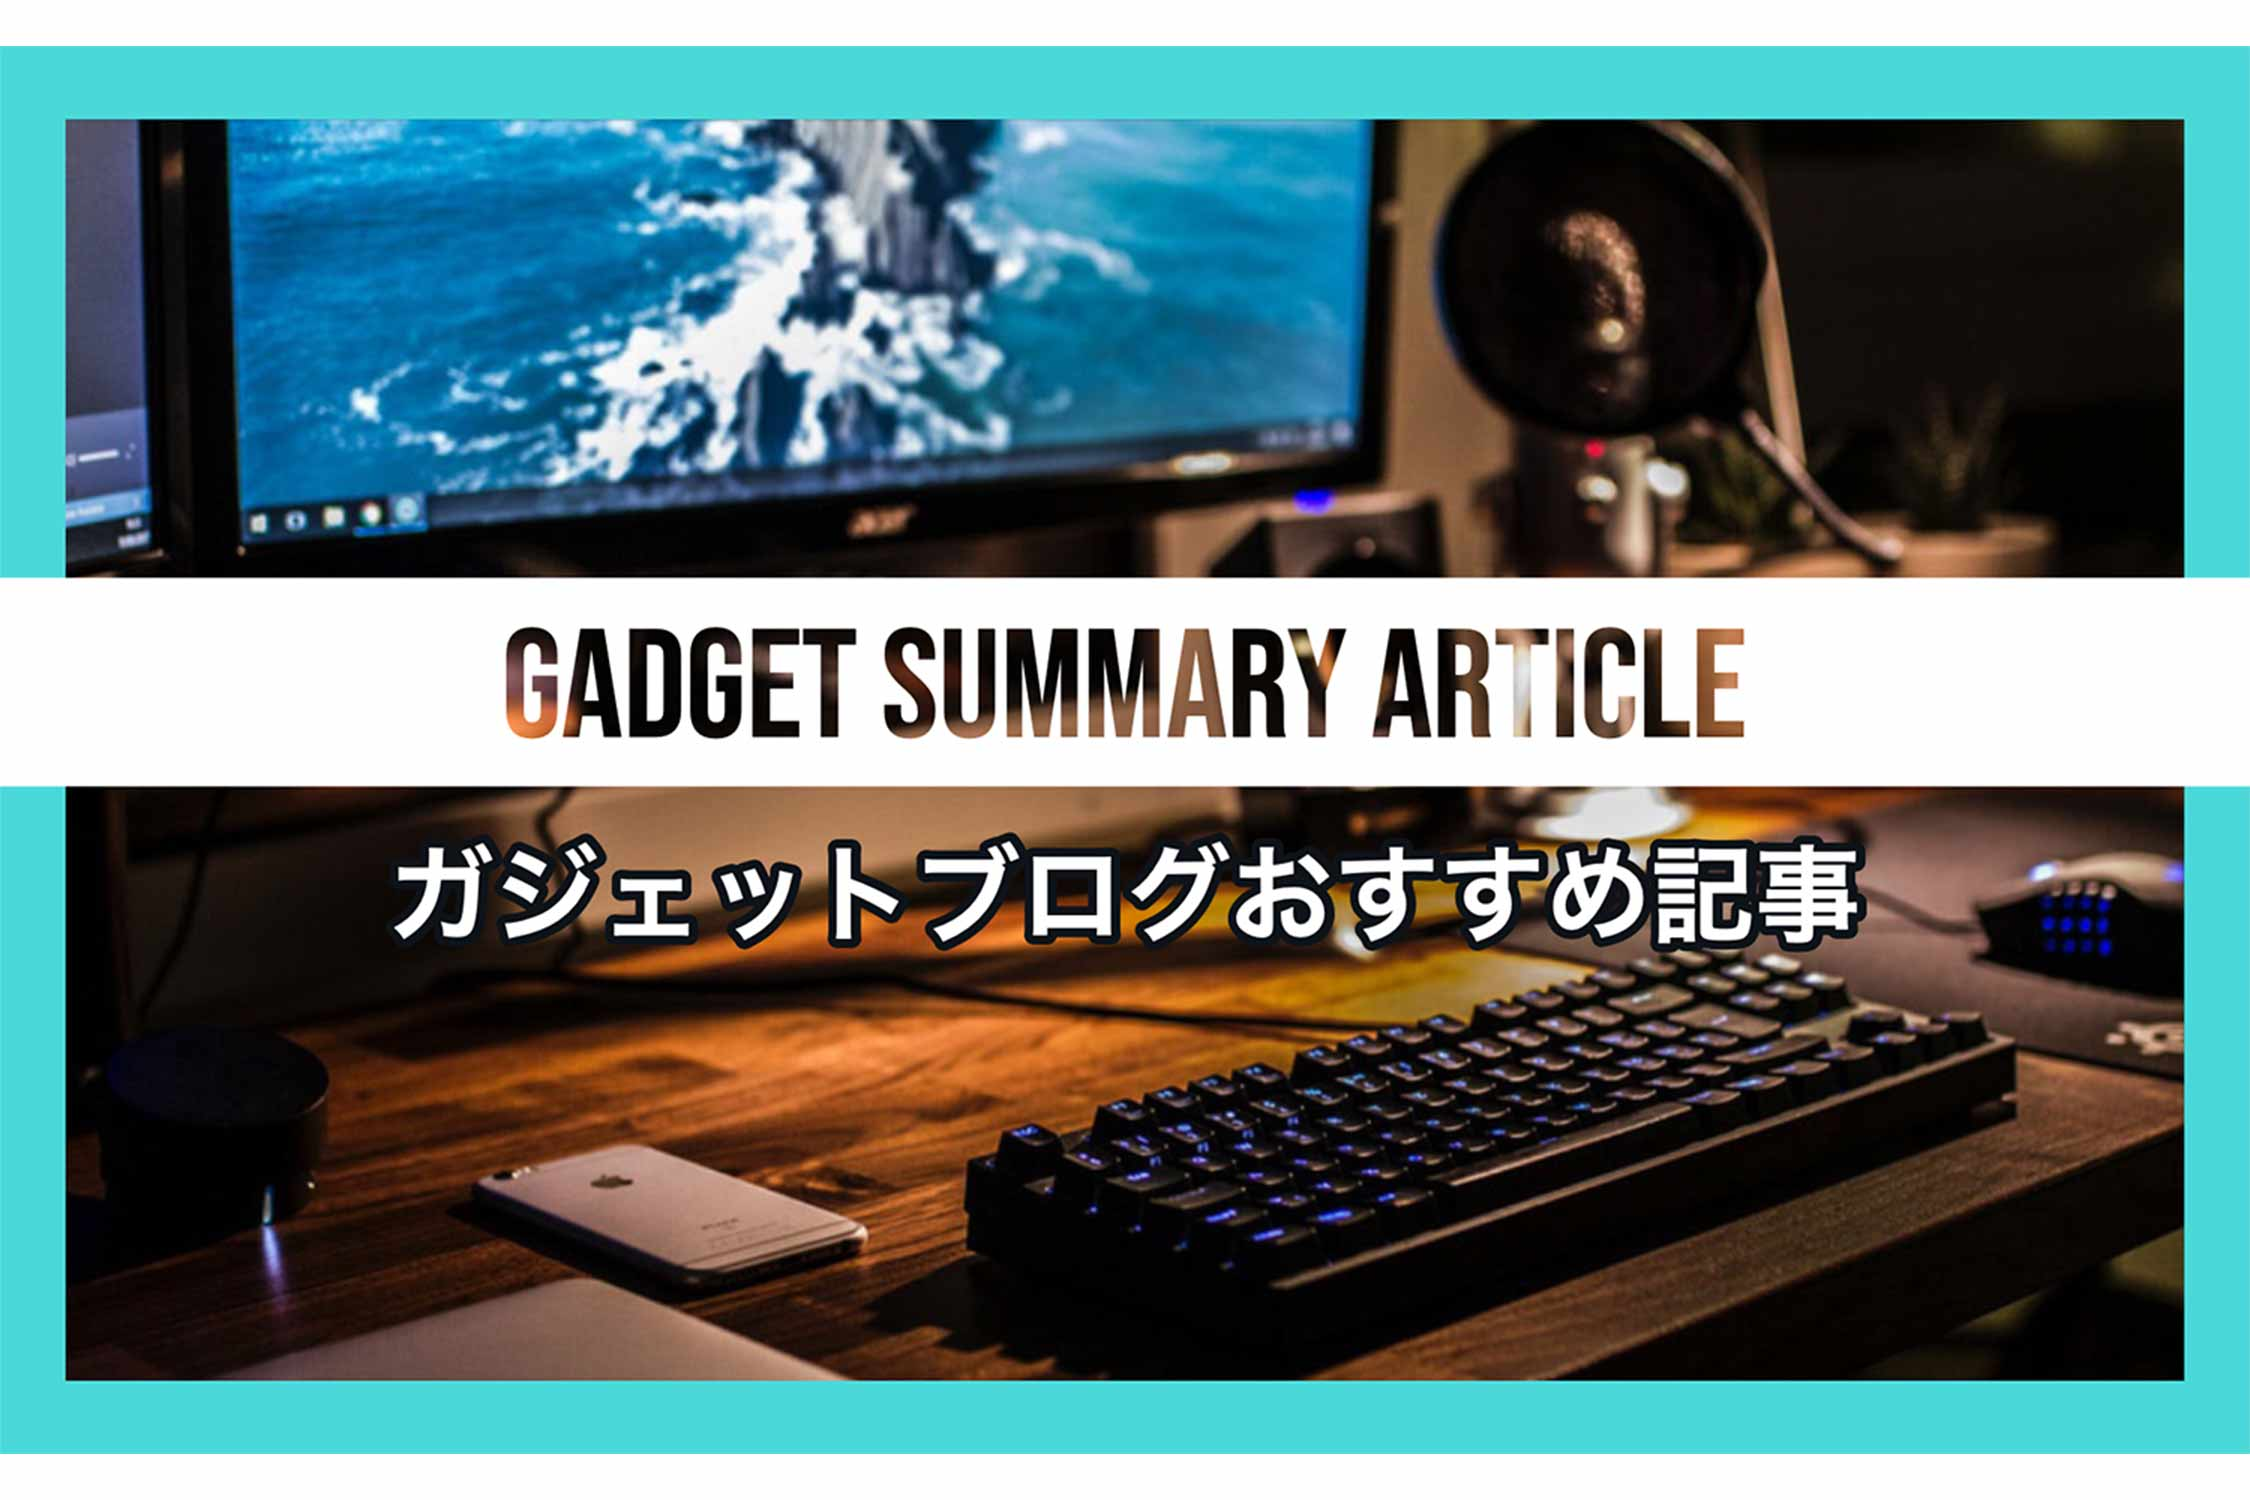 ガジェットブログ おすすめ記事 アイキャッチ